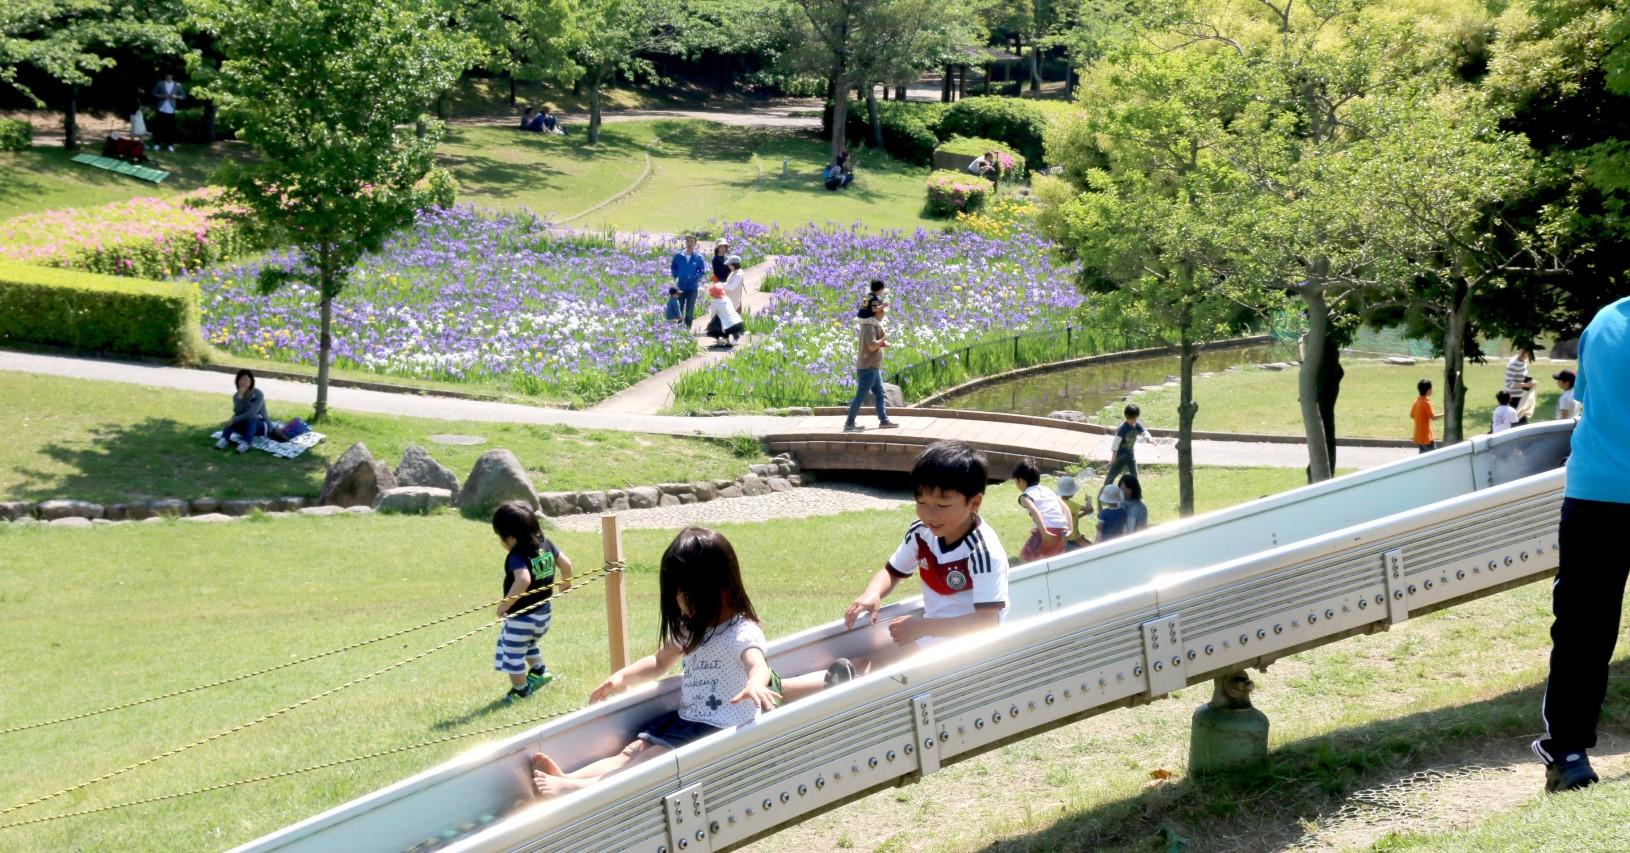 大型ショッピングモール近くの諏訪公園は、市民の憩いの場所です